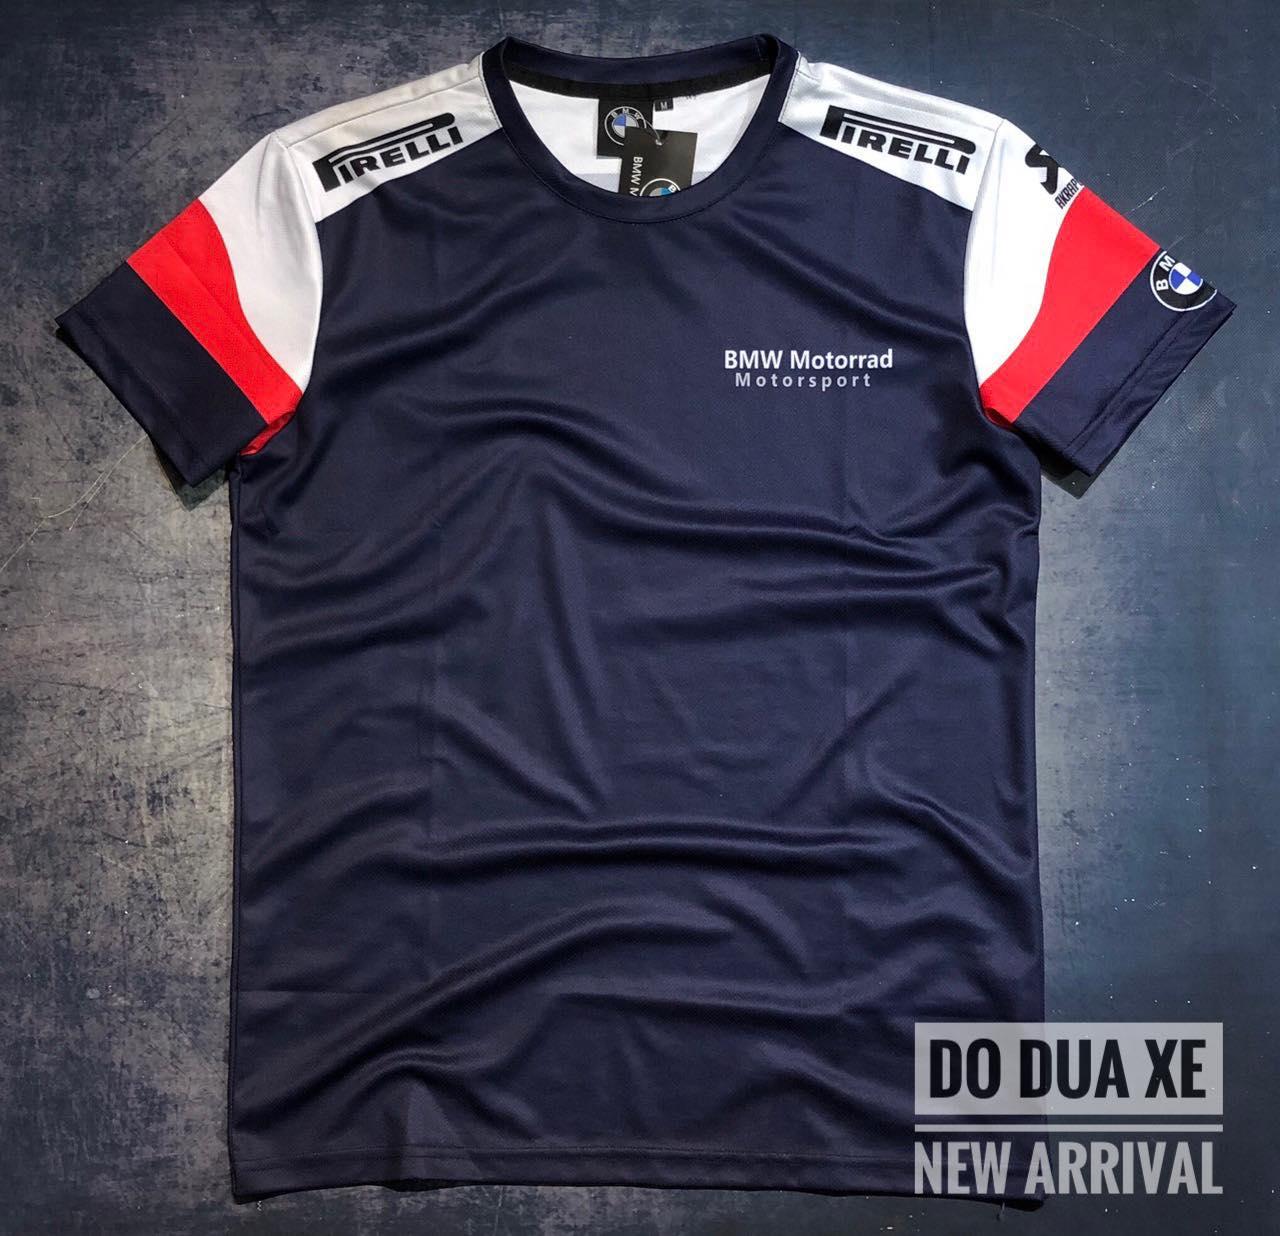 doduaxe.com: Chuyên cung cấp quần áo phụ kiện đua xe - 5